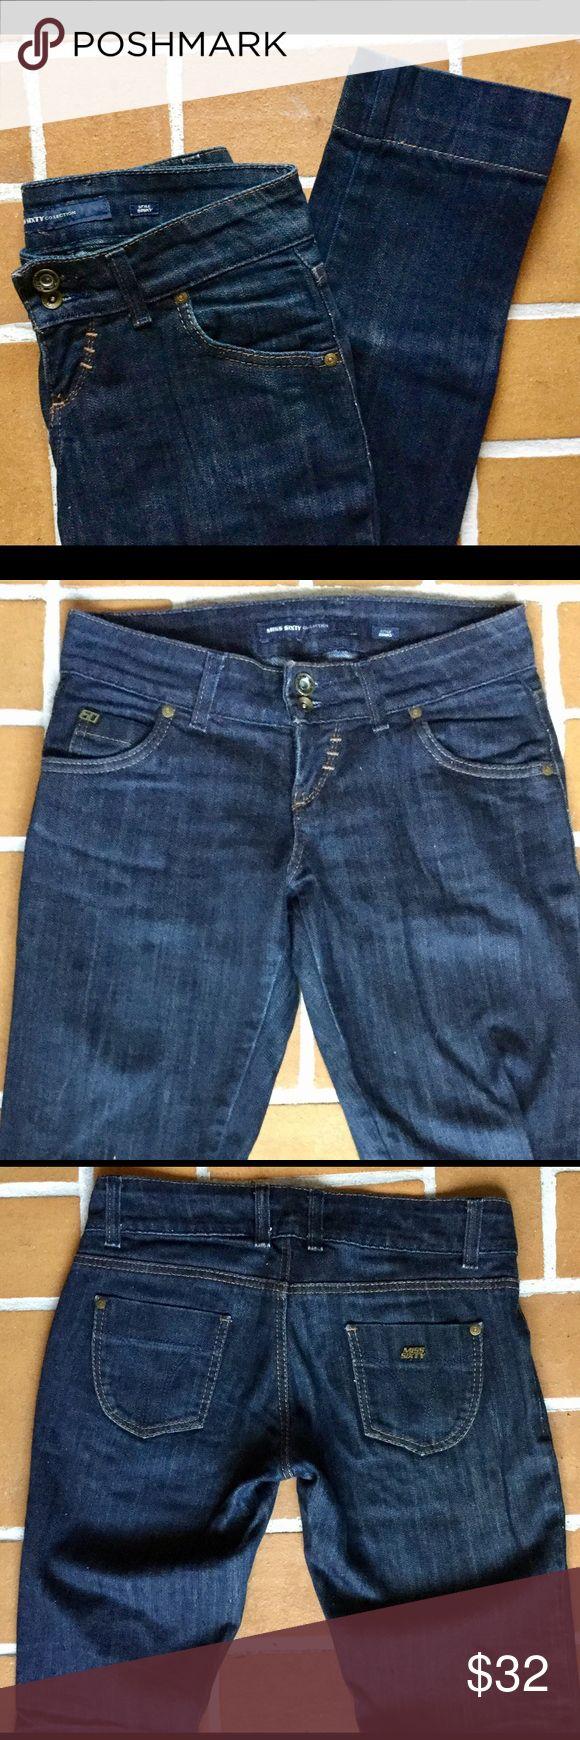 Miss Sixty denim Miss Sixty jeans, dark raw denim look Famous Binky style size 26x30 Miss Sixty Jeans Straight Leg